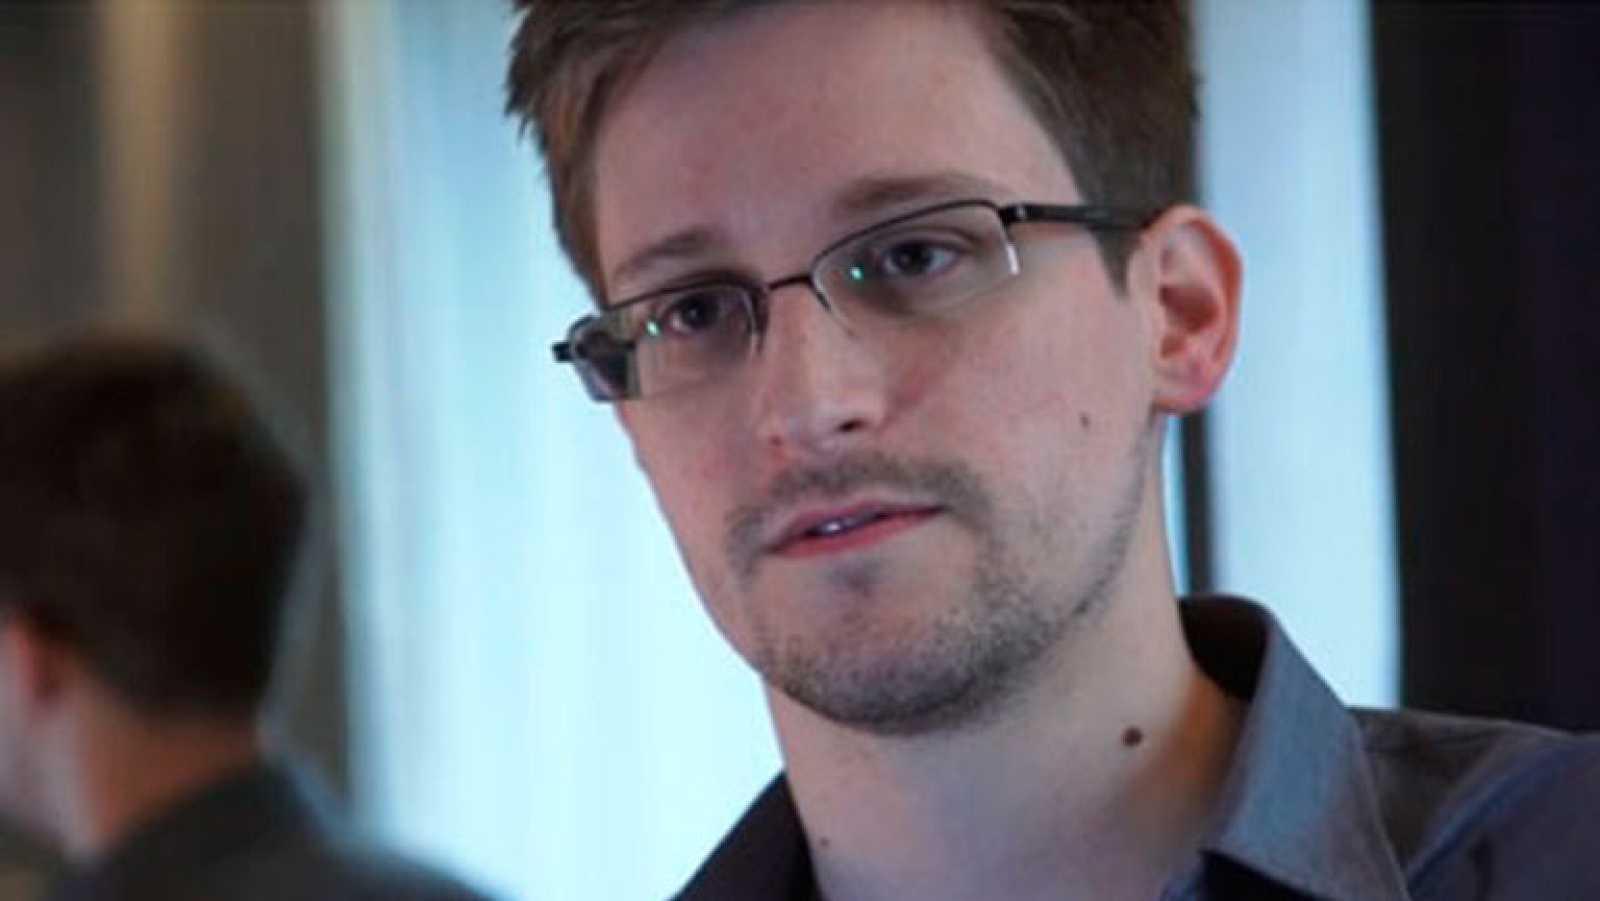 Edward Snowden, extécnico de la CIA, se responsabiliza de las filtraciones de espionaje en EE.UU.